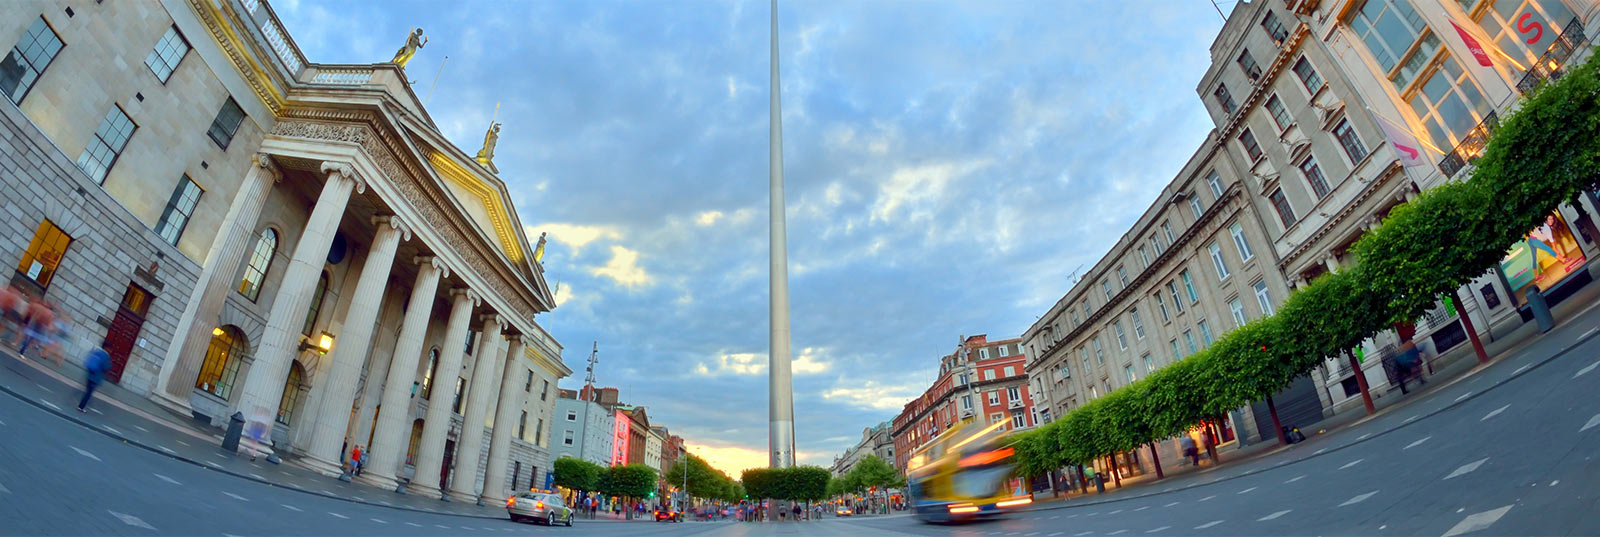 Guía turística de Dublin